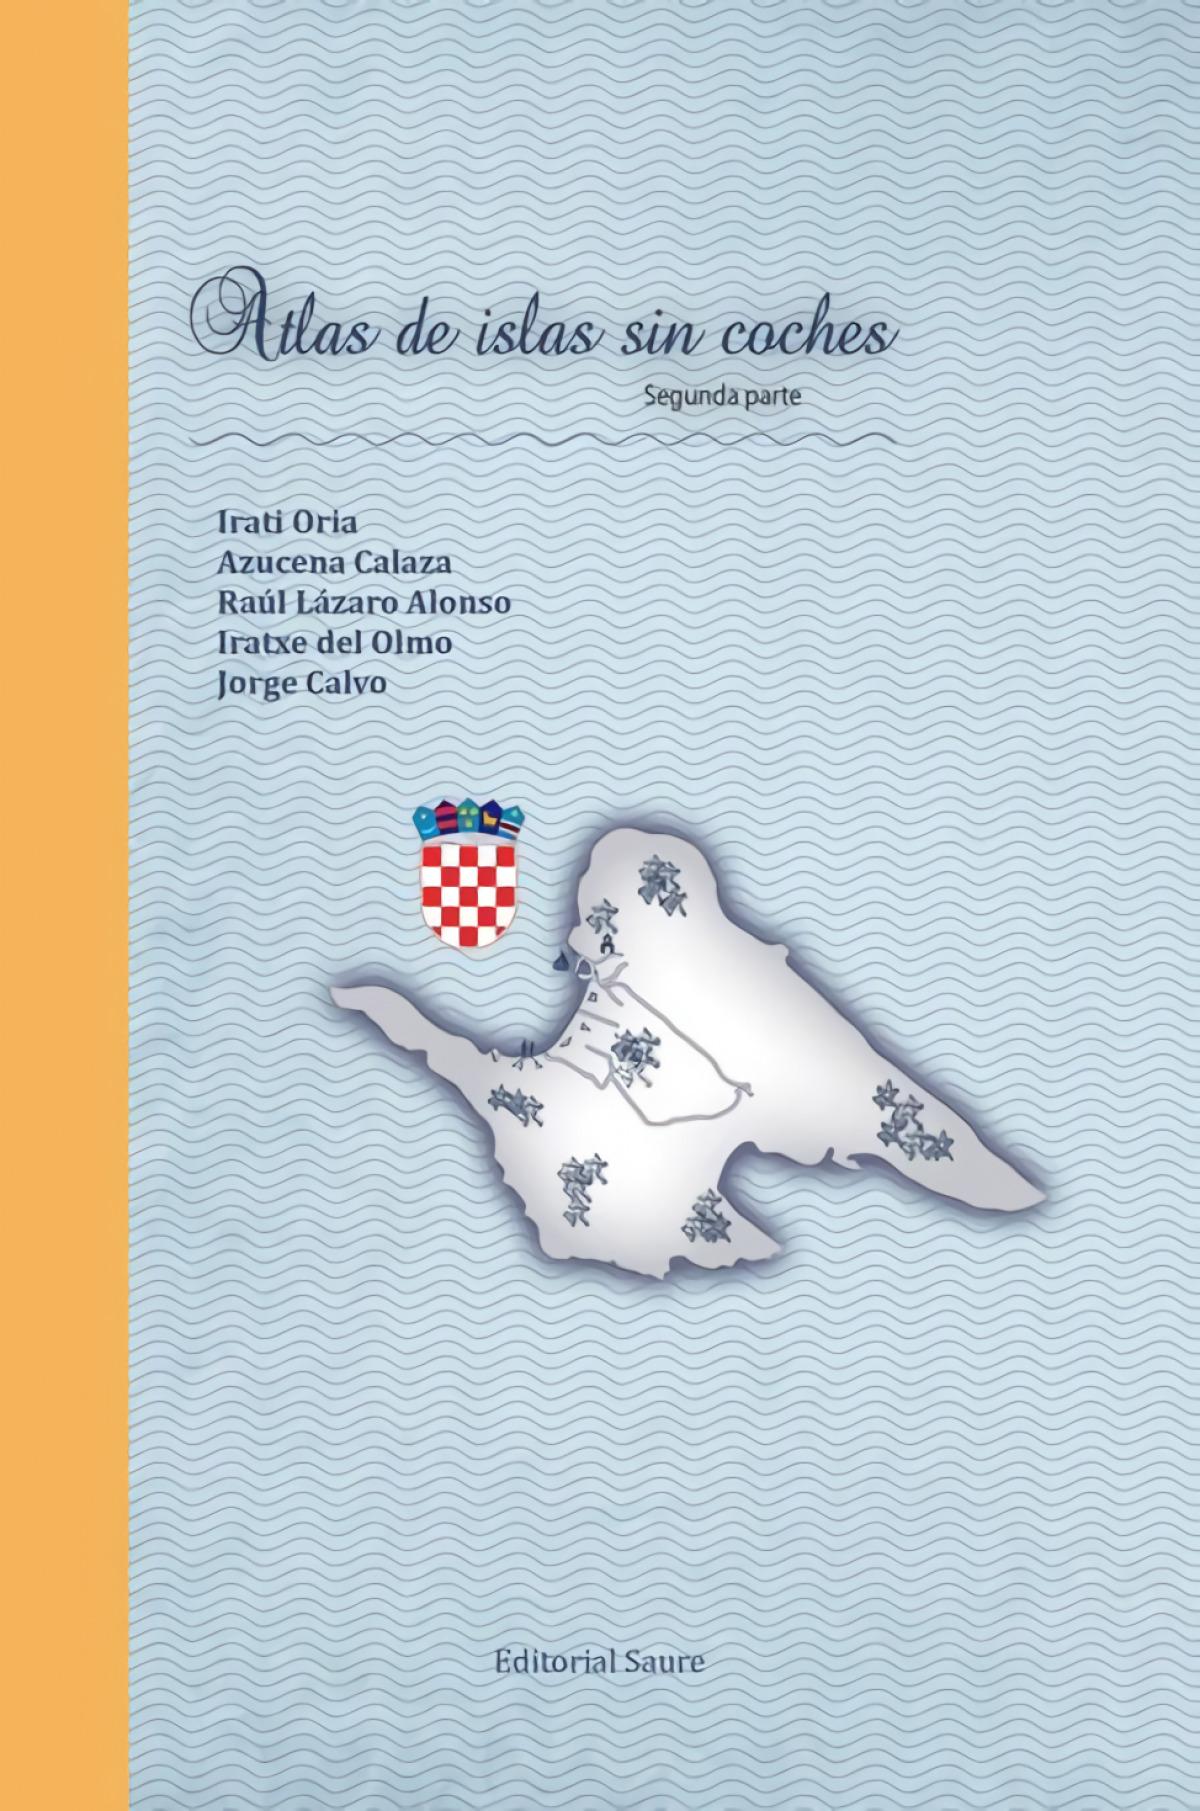 Atlas de islas sin coches, Segunda parte 9788417486044